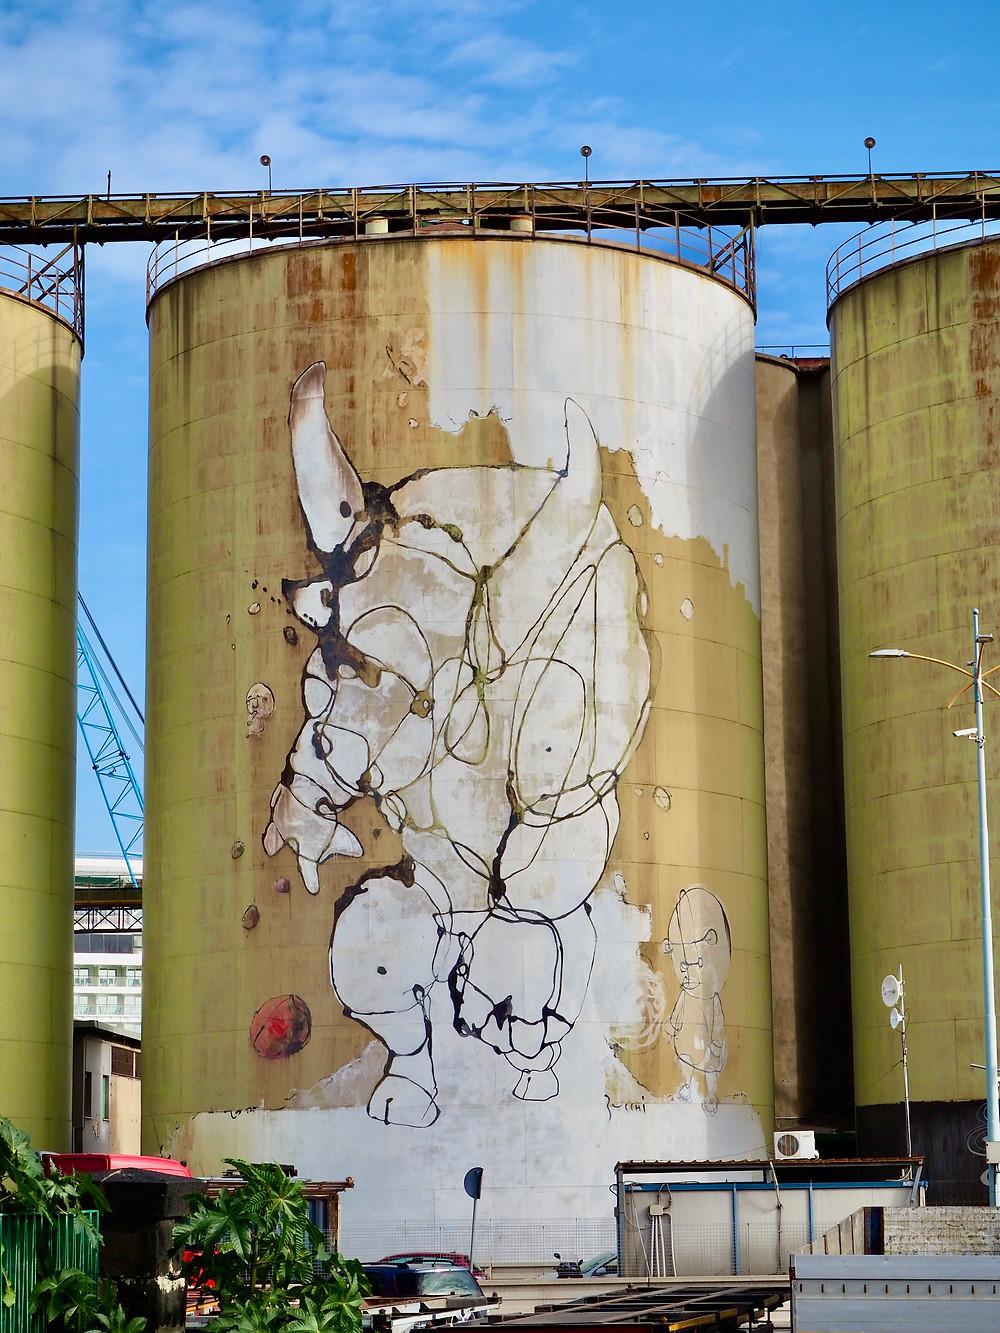 catania-street-art-silos-minotaur